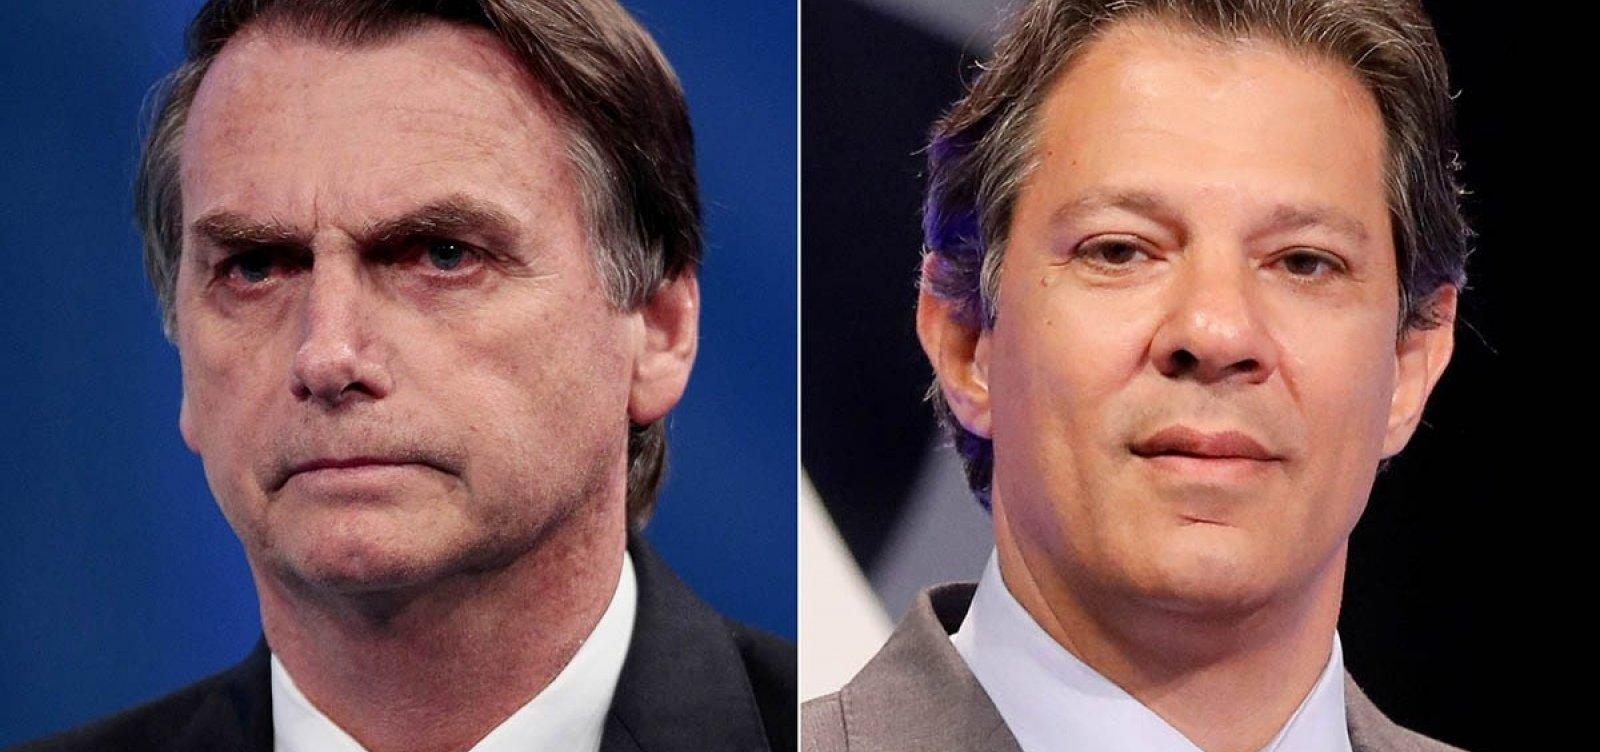 Último Ibope antes da eleição mostra Bolsonaro com 54% e Haddad, 46%